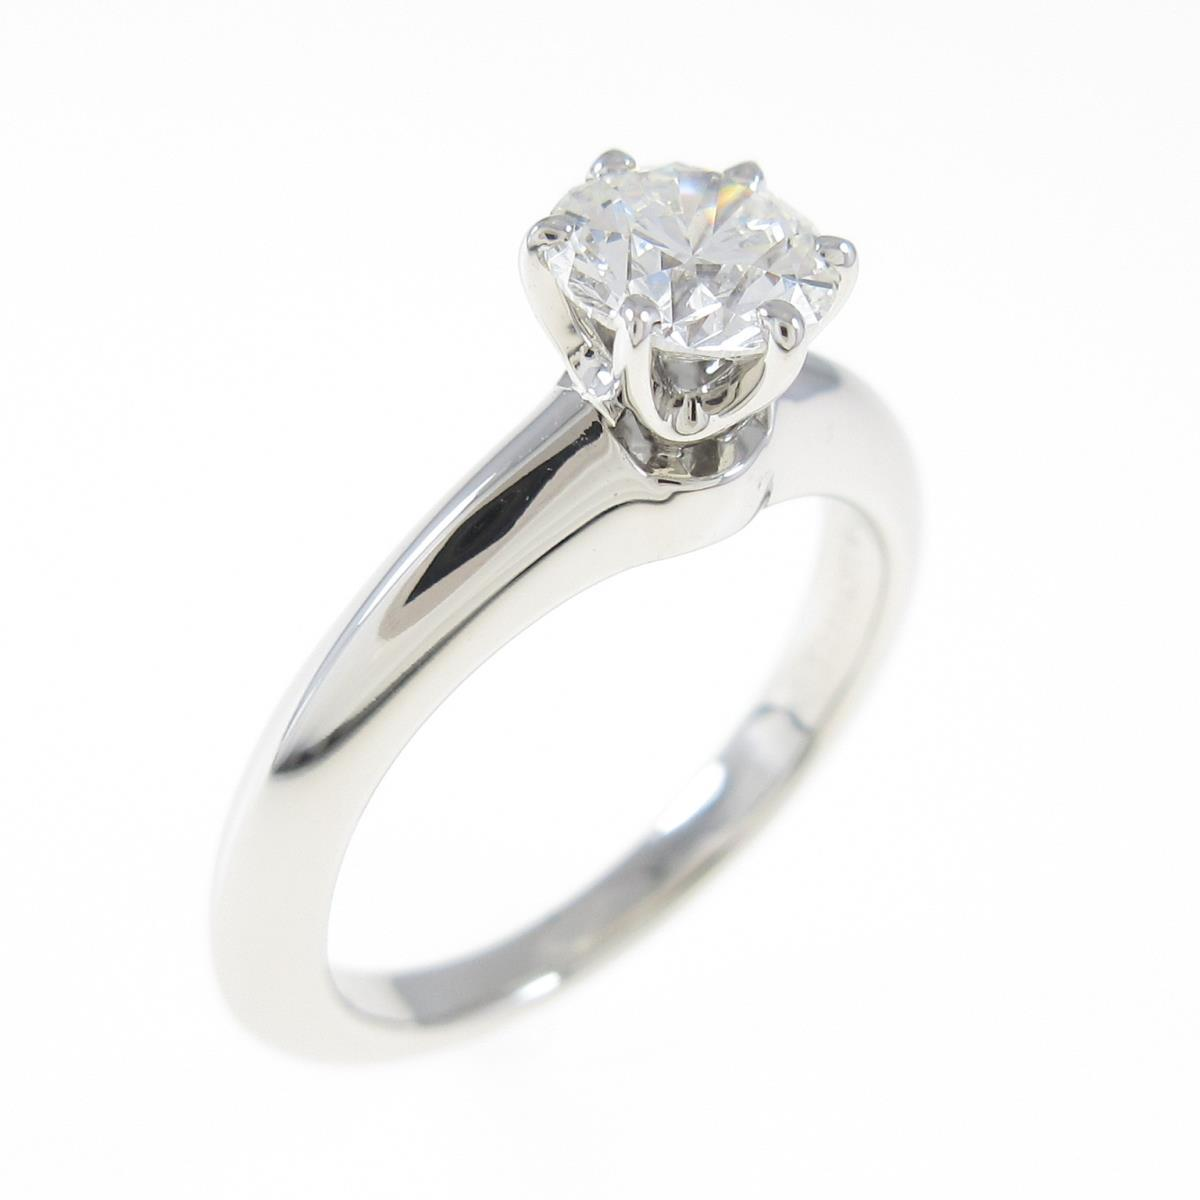 ティファニー ダイヤモンドリング 0.52ct・H・VVS2・3EXT【中古】